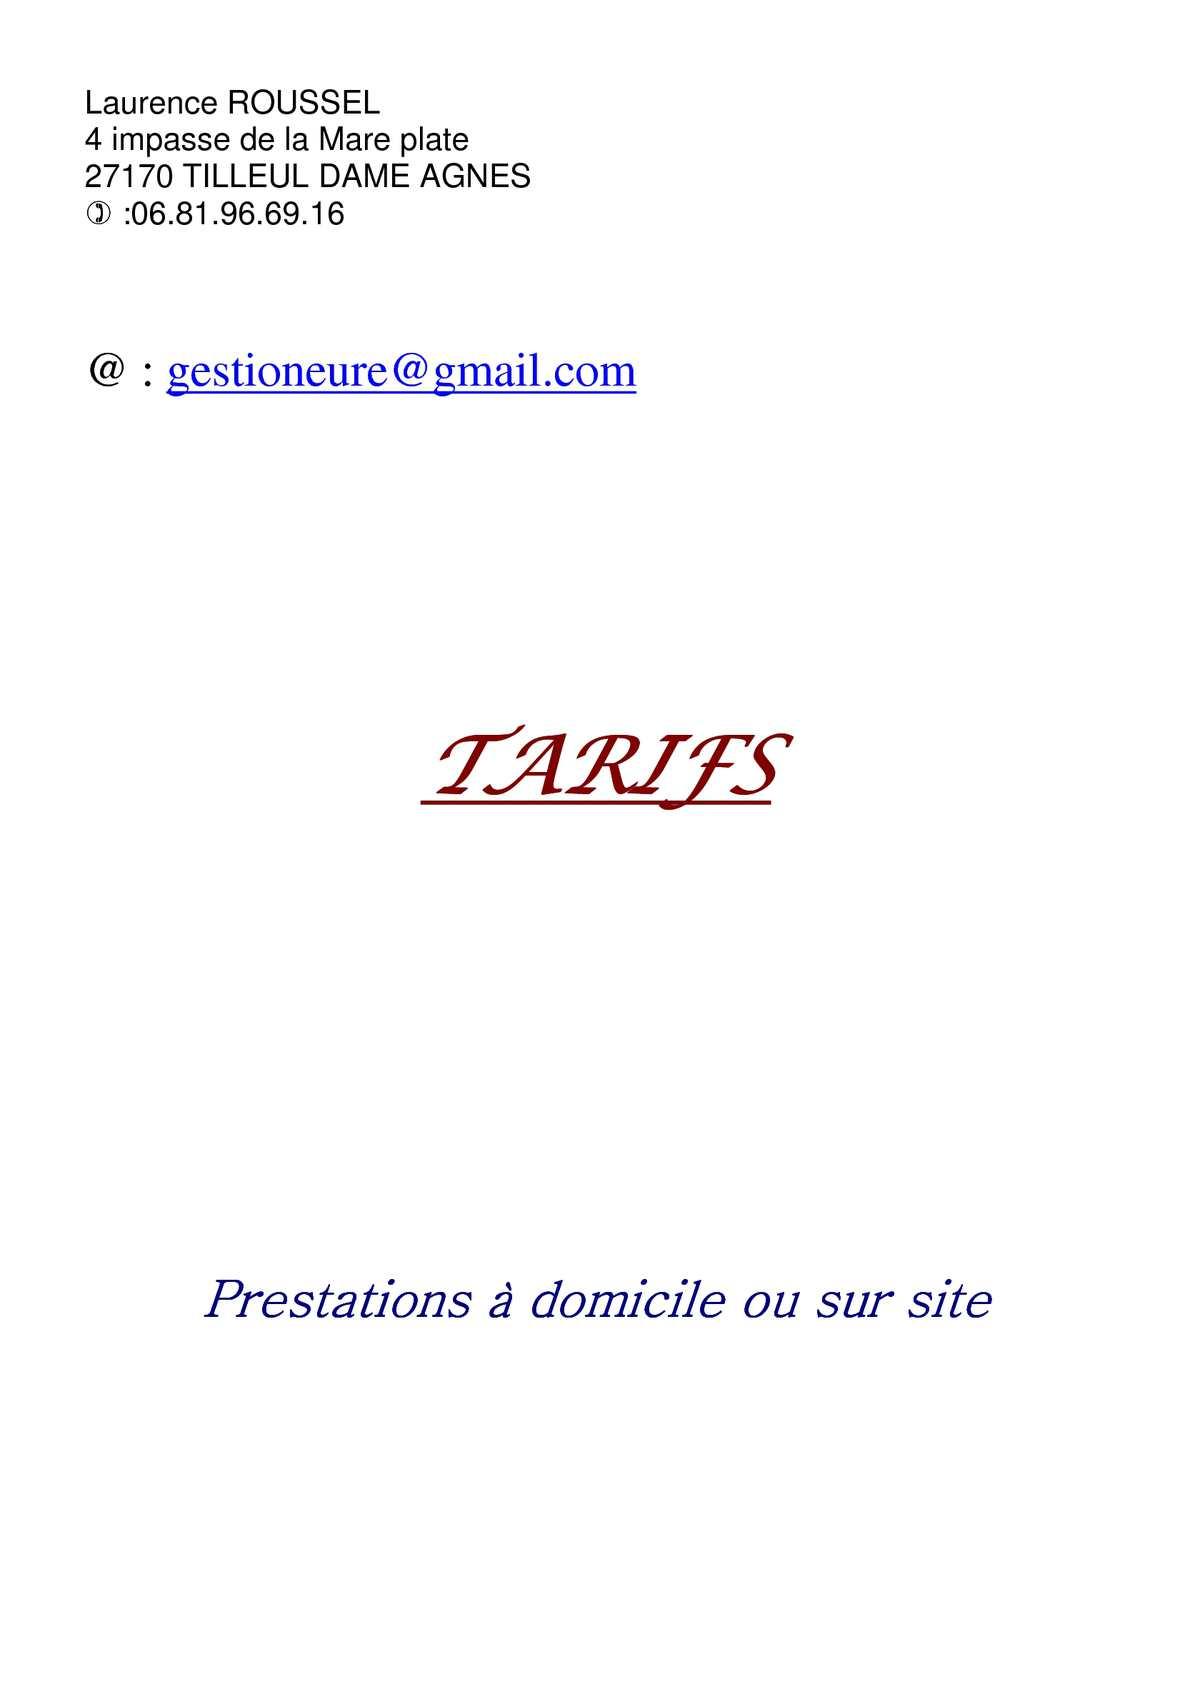 Calaméo - Tarif du gestioneure, secrétaire indépendante ou salariée.